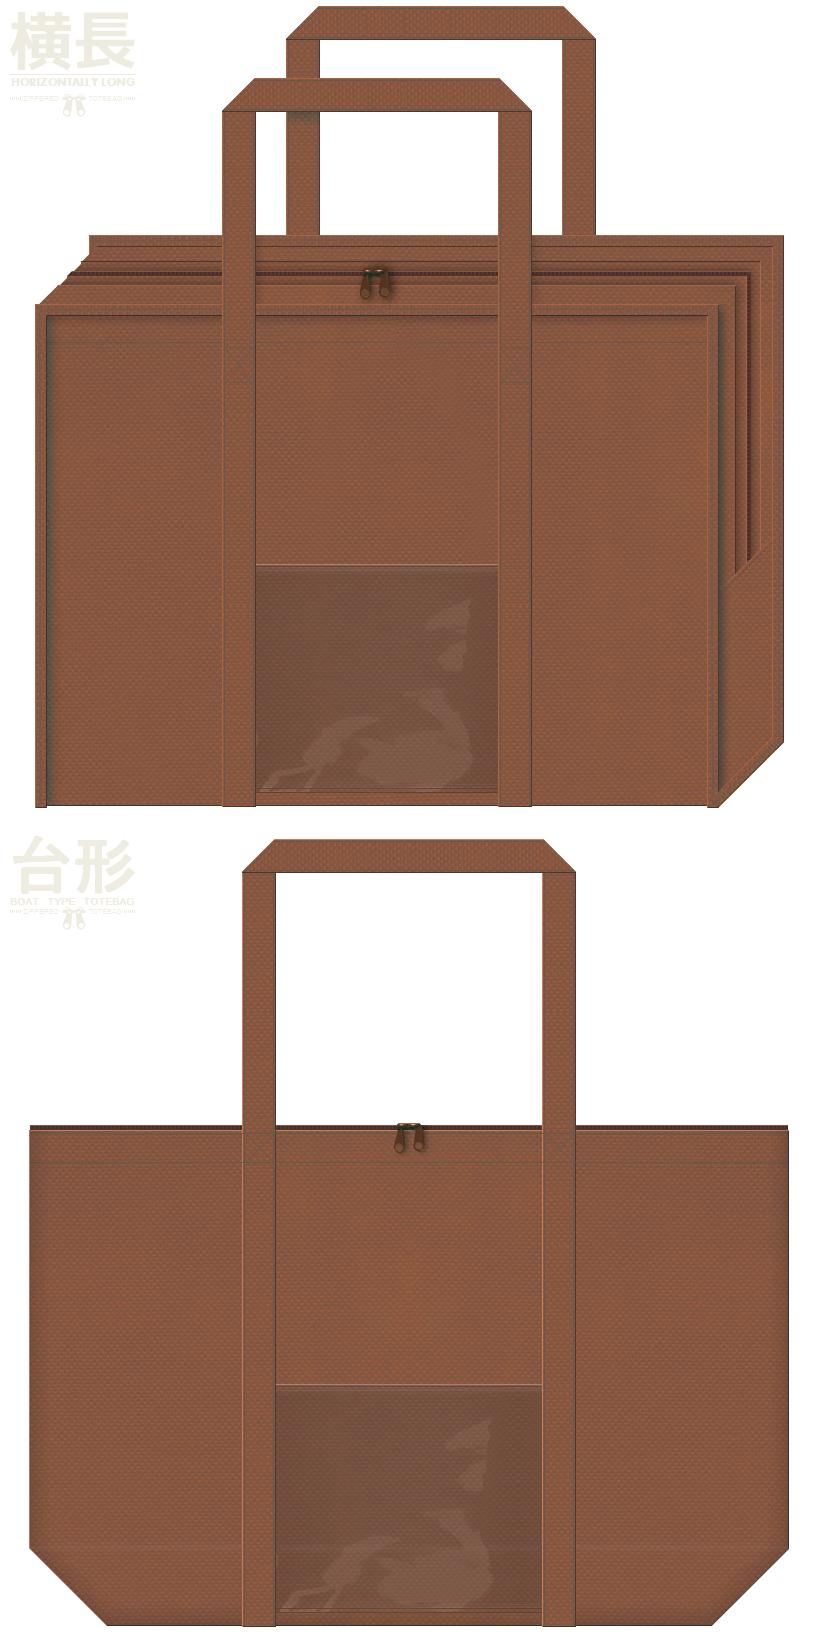 茶色の不織布バッグデザイン:透明ポケット付きの不織布ランドリーバッグ